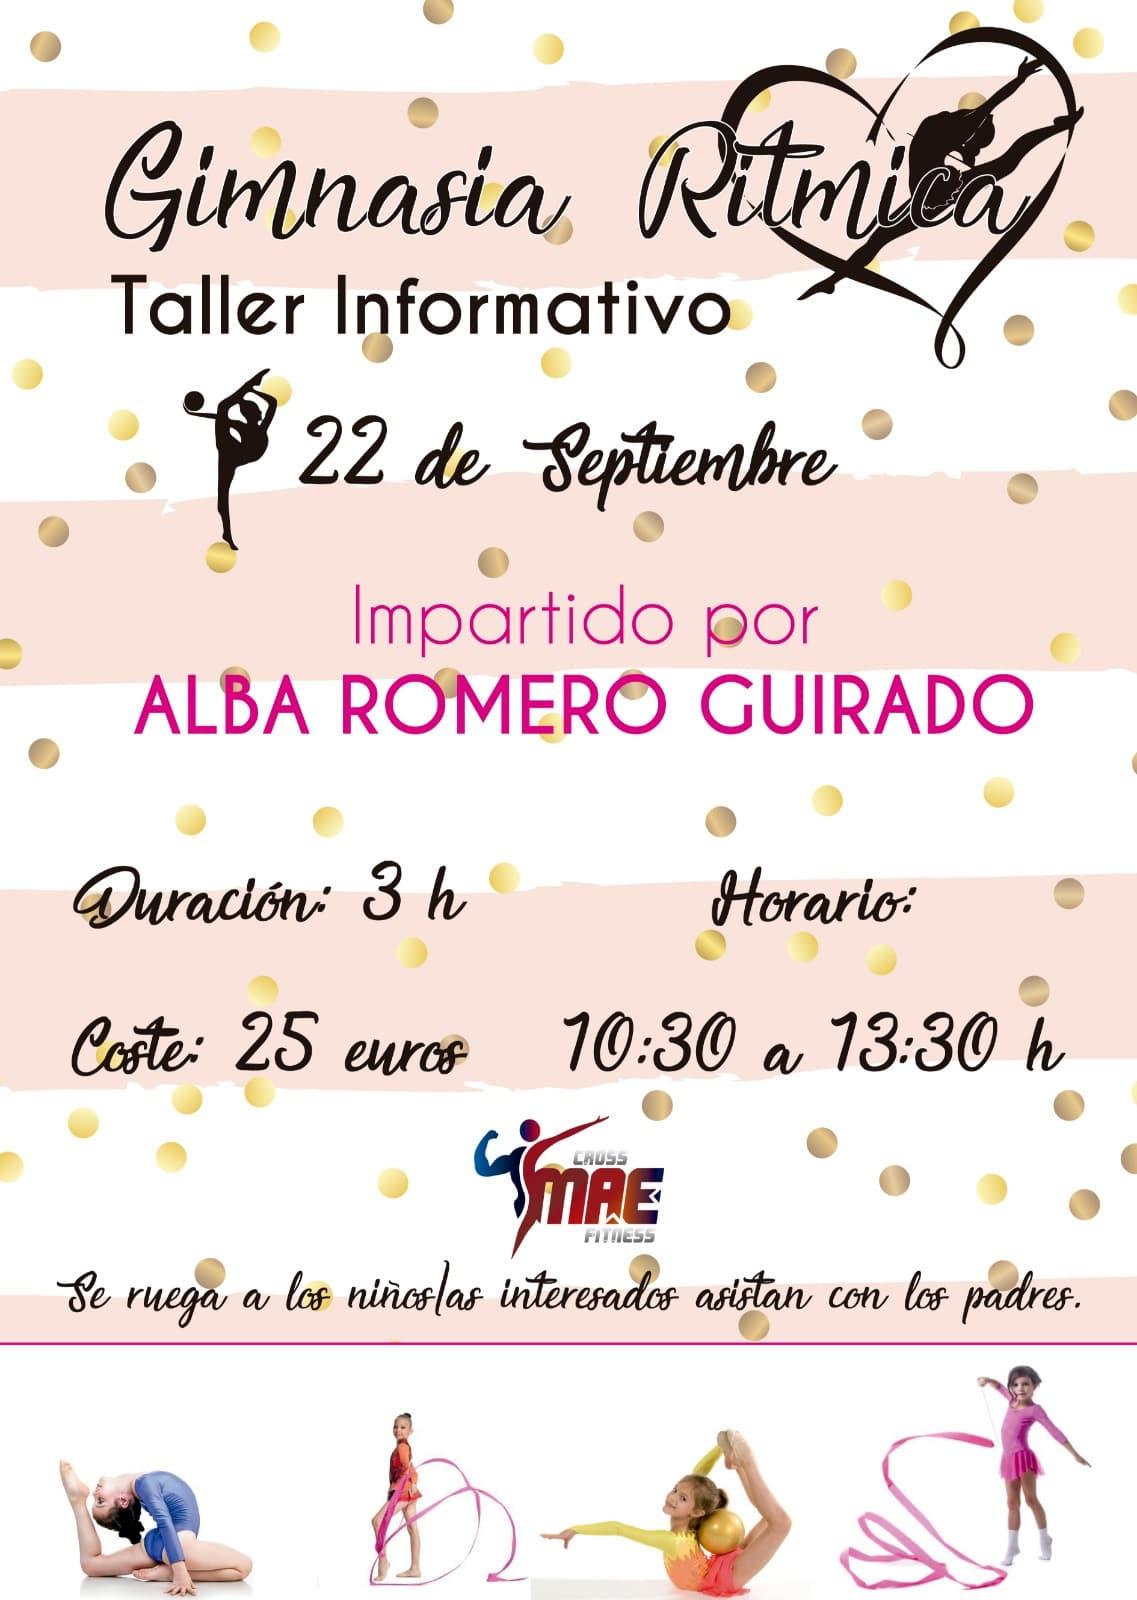 Taller Informativo de Gimnasia Rítmica impartido por Alba Romero en el Cross MAE Fitness